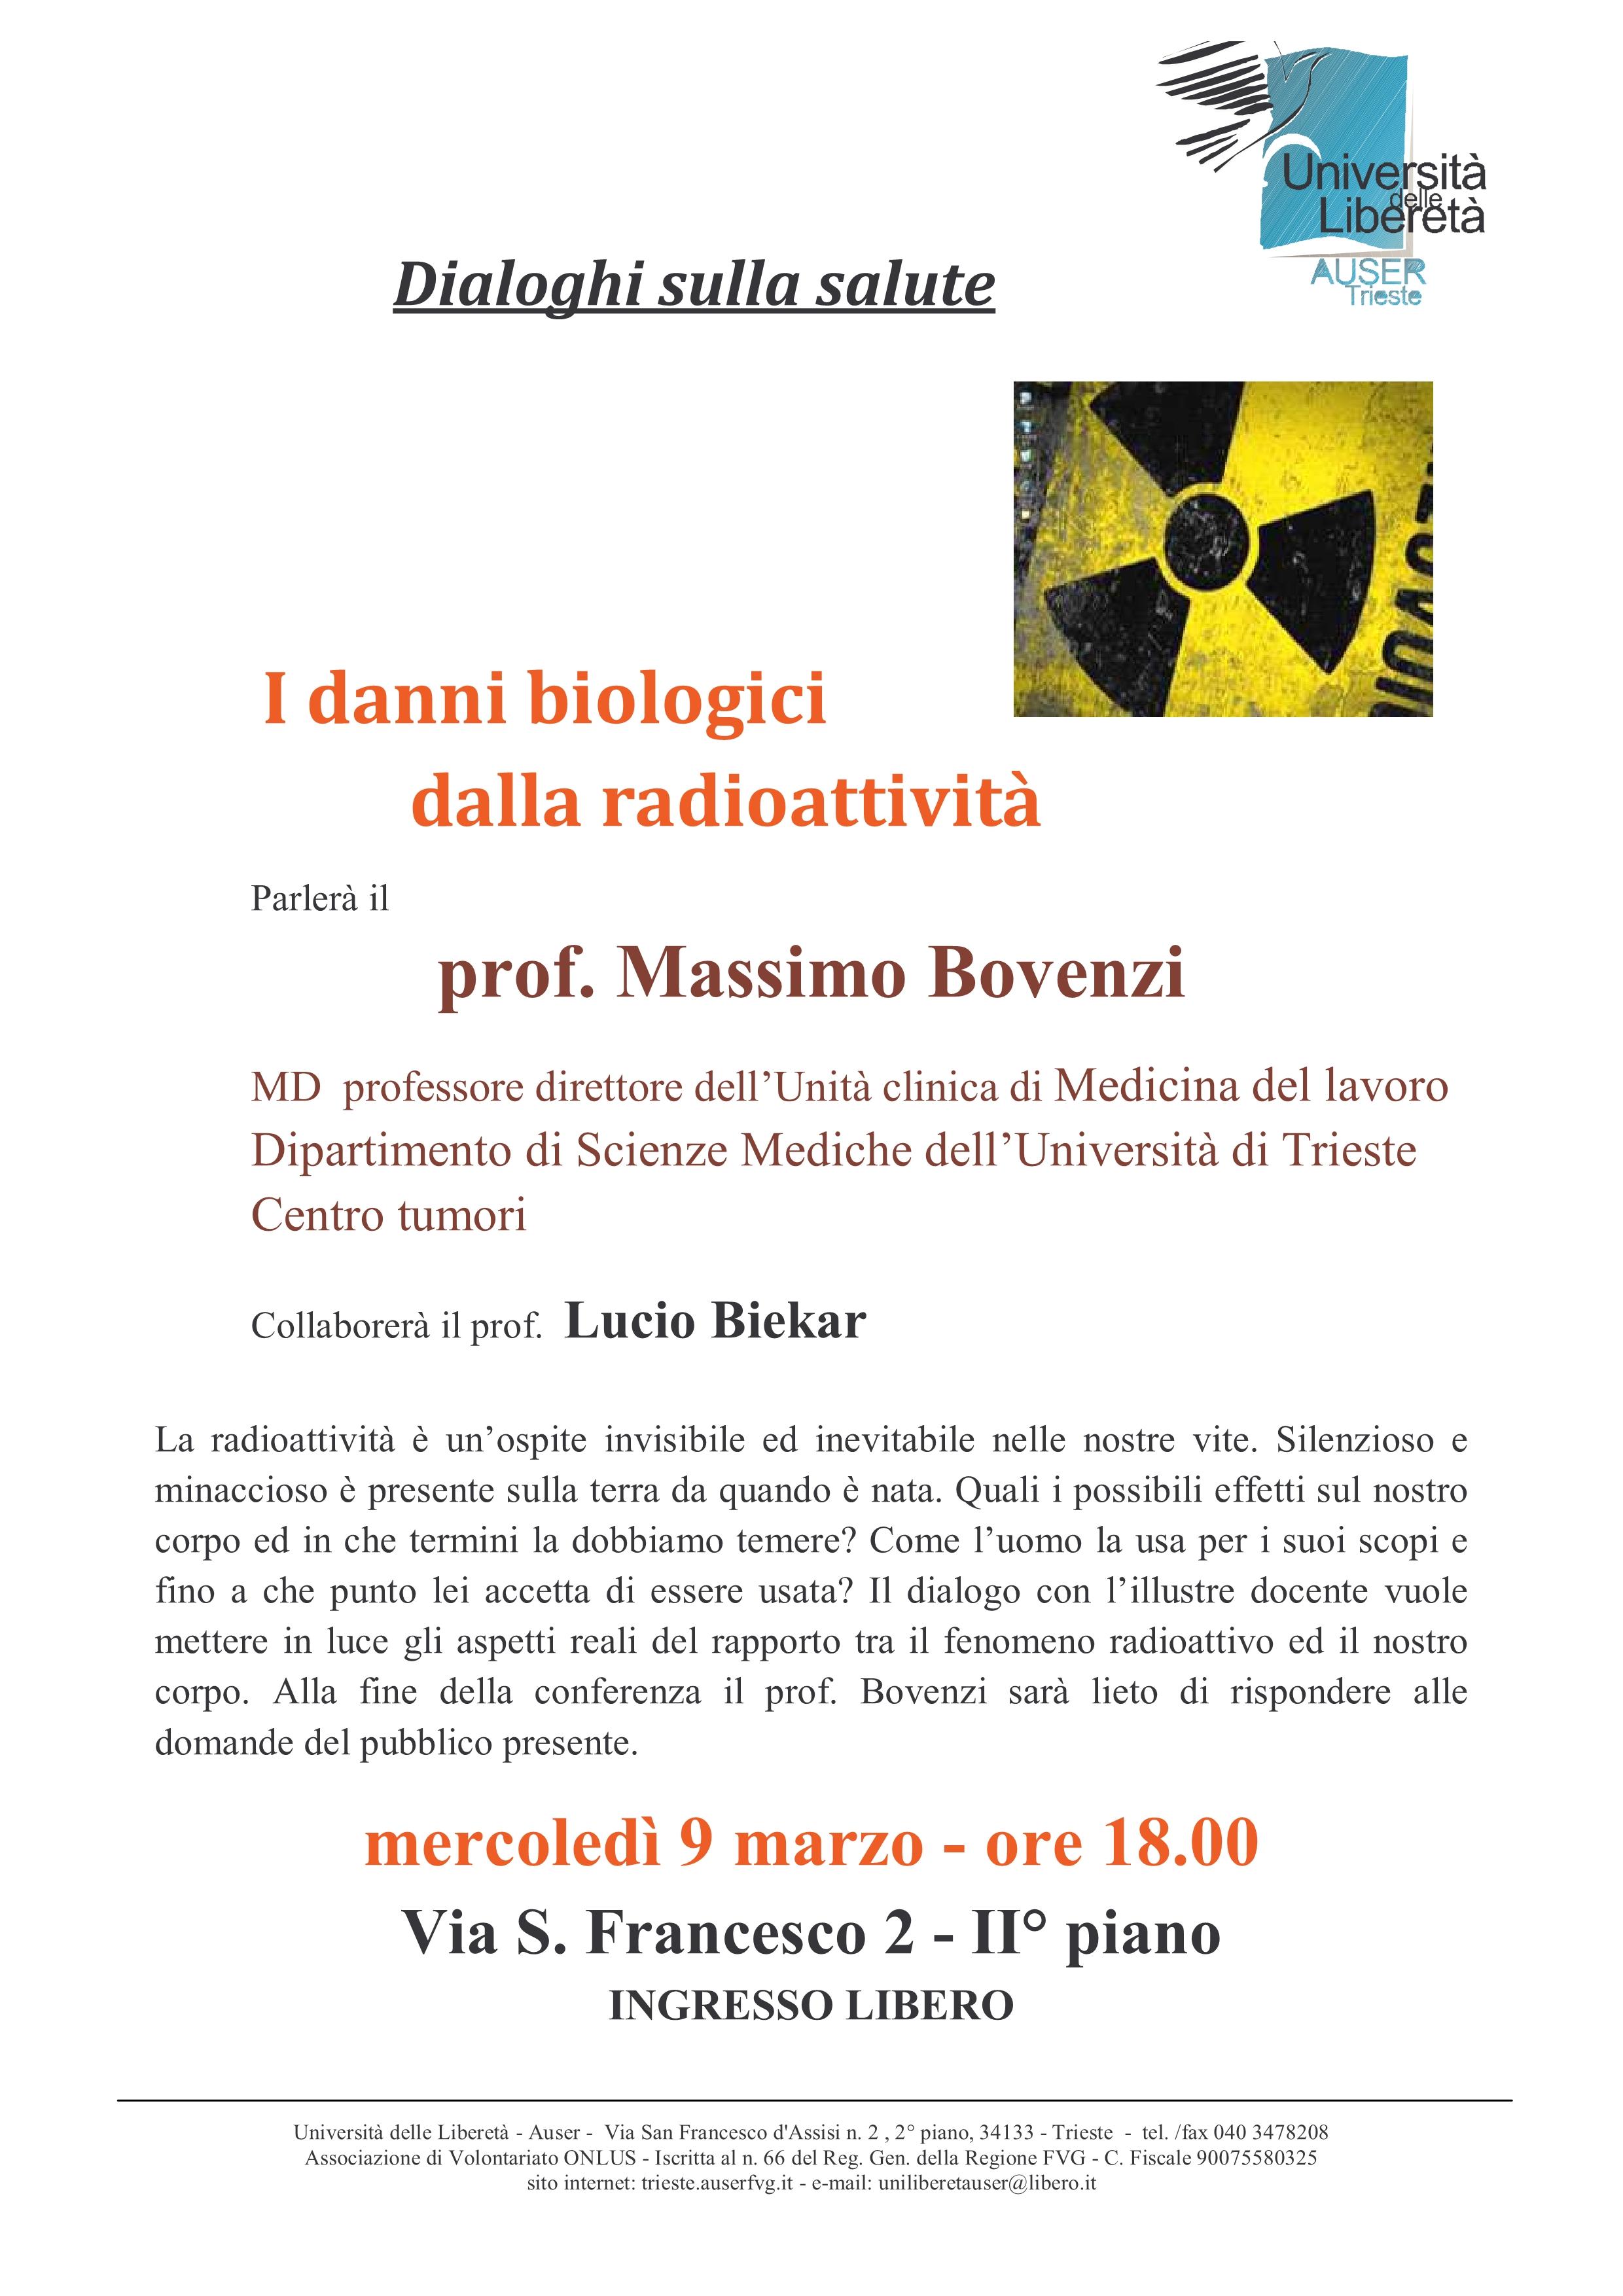 Dialoghi sulla salute - radioattività